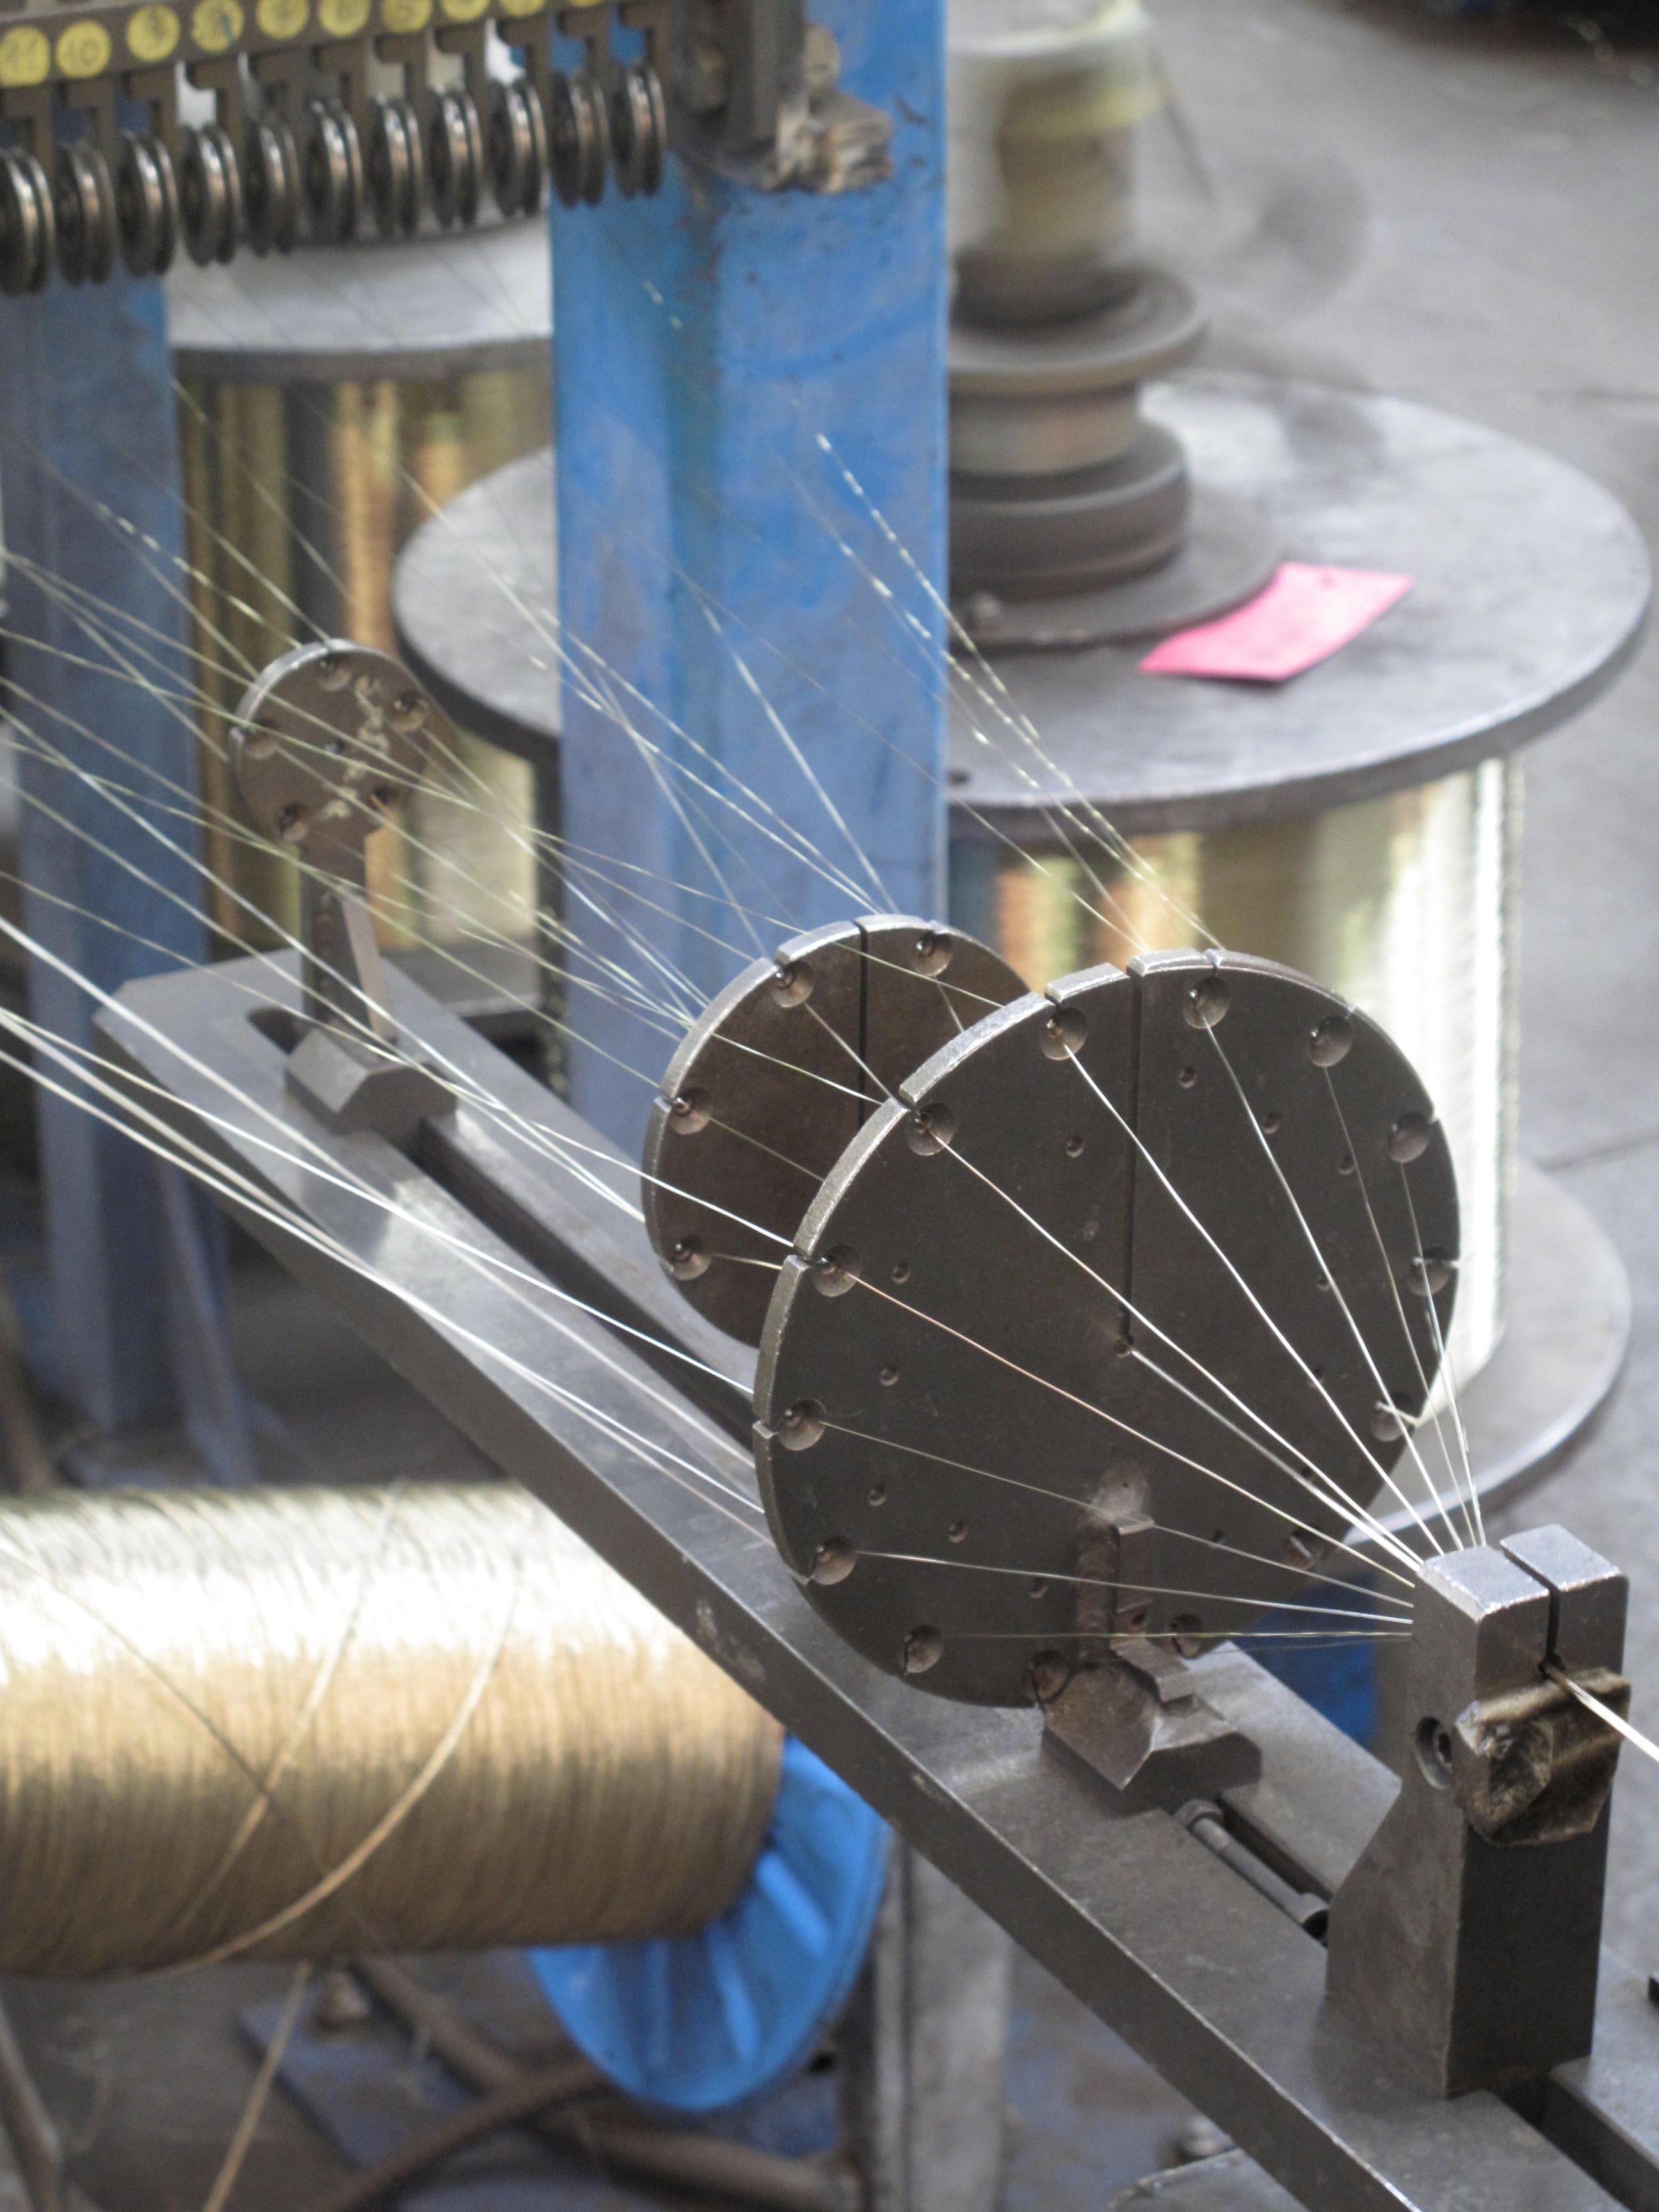 Kostenlose foto : Technologie, Werkstatt, Draht, Maschine, Industrie ...